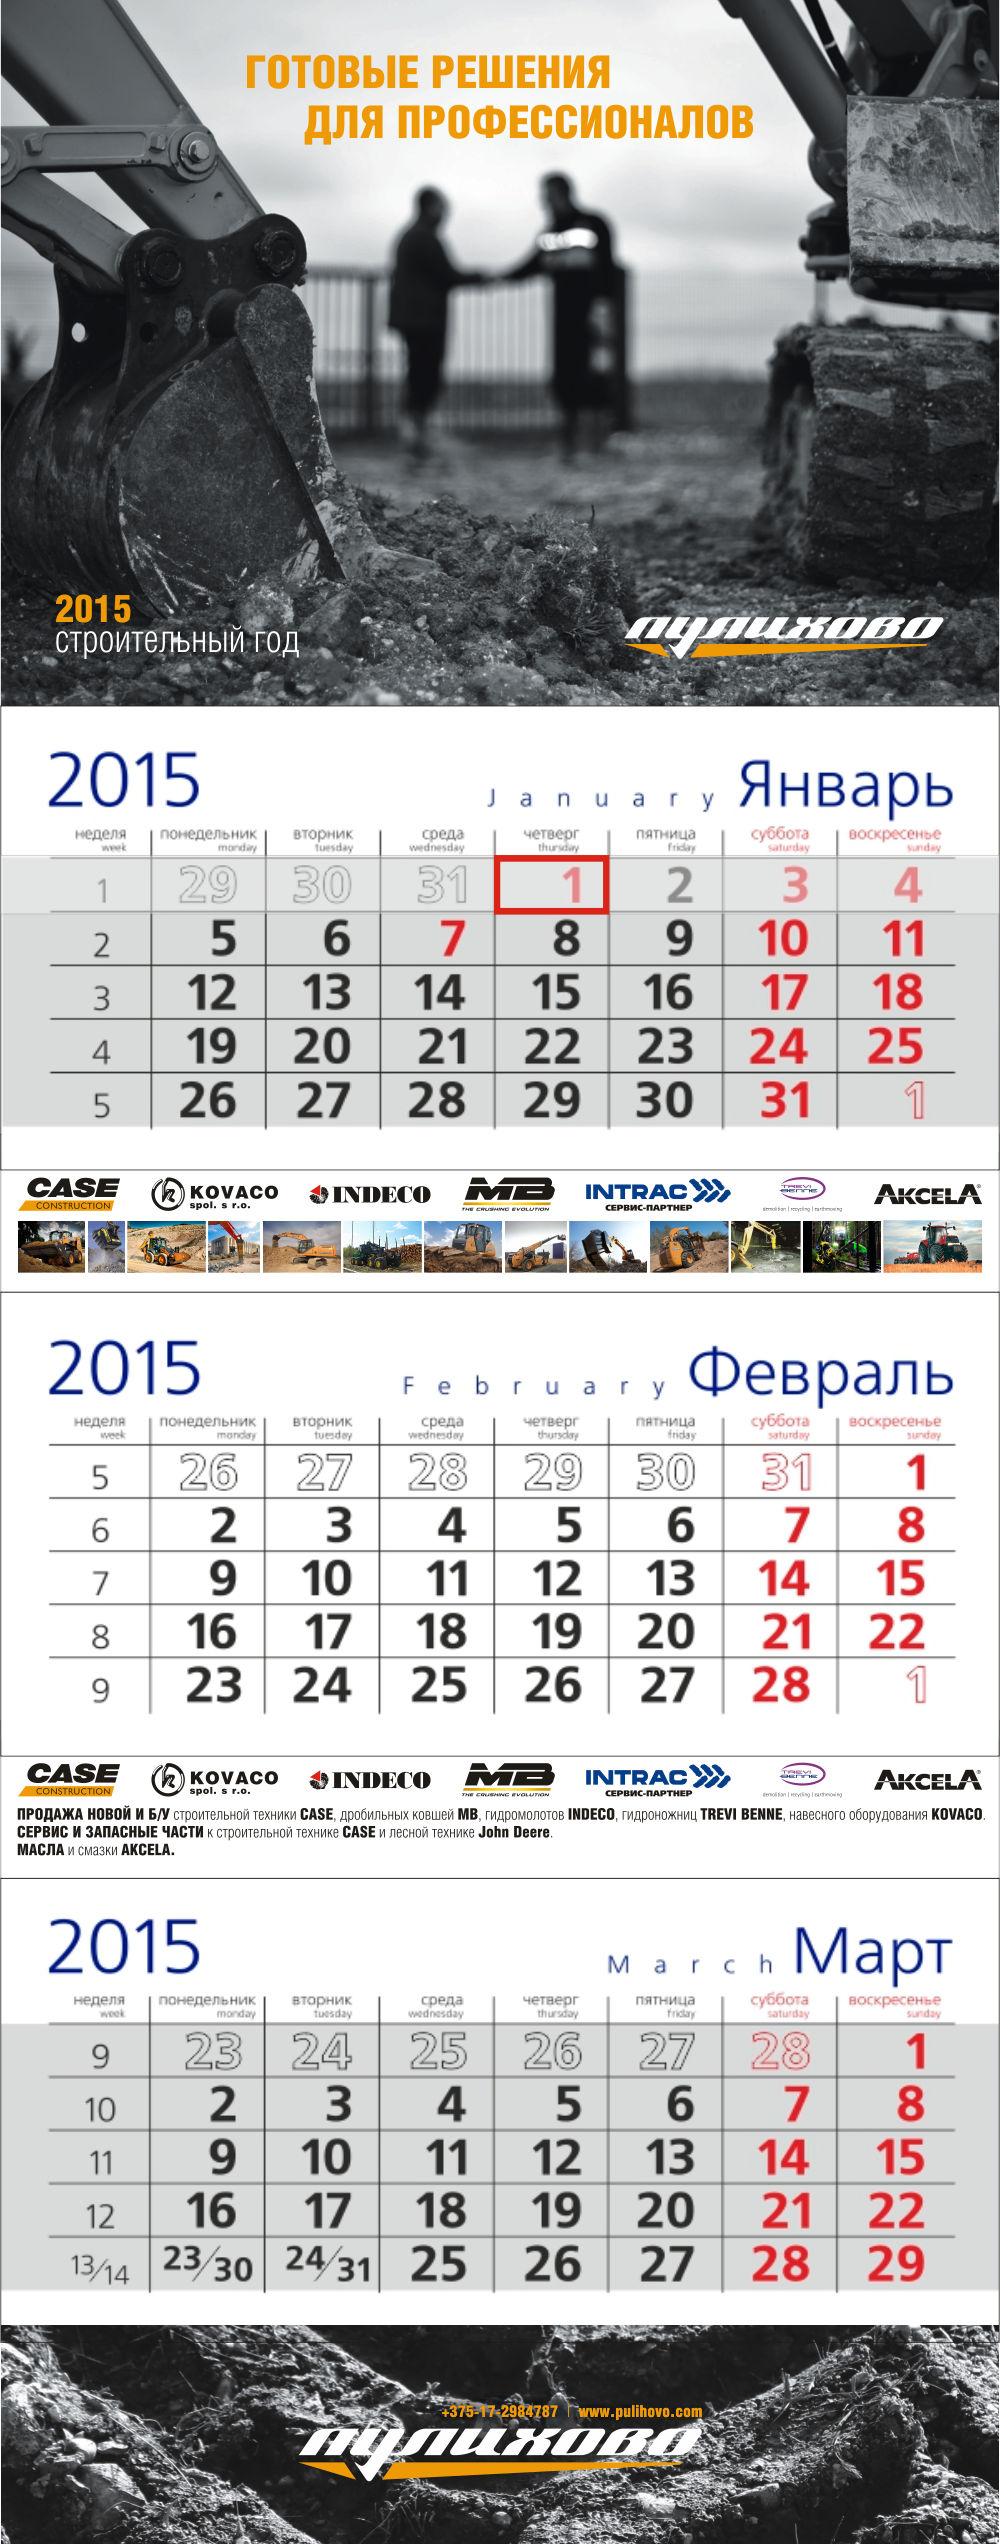 17 - Квартальный календарь Пулихово 2015